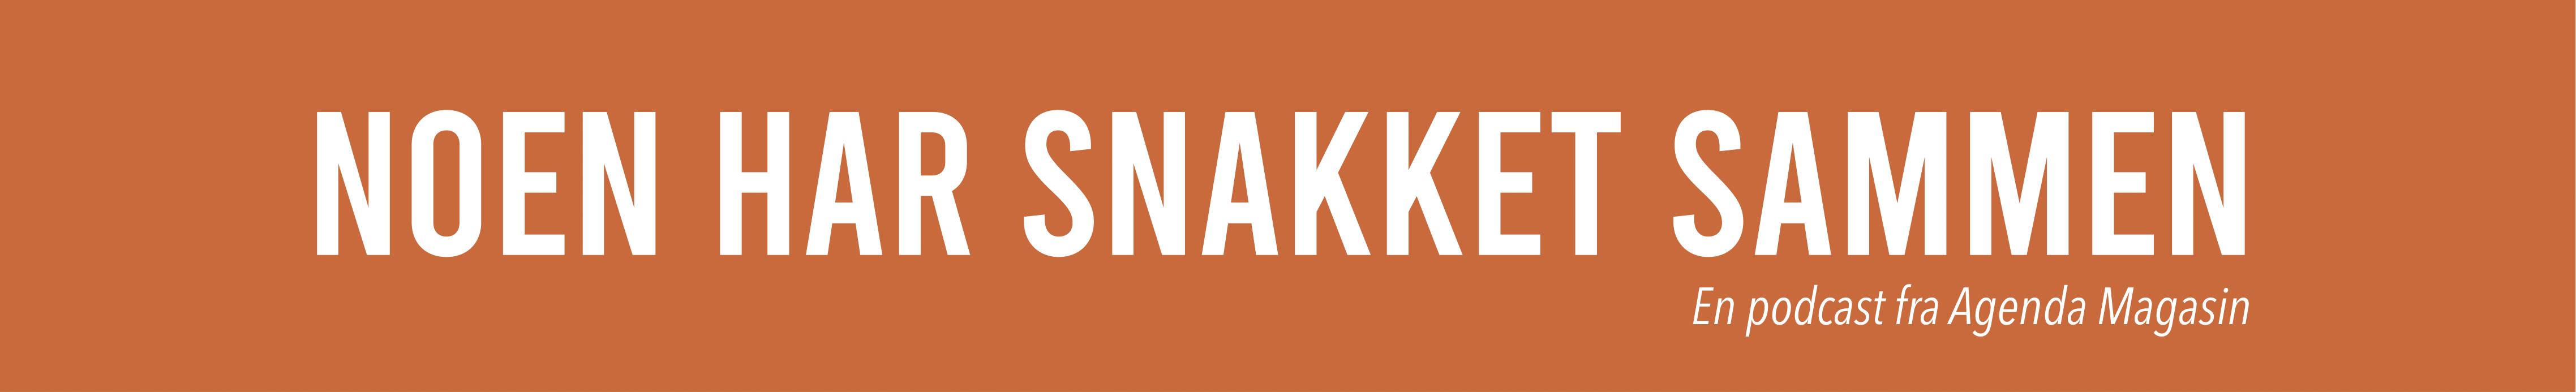 smalt banner ny logo